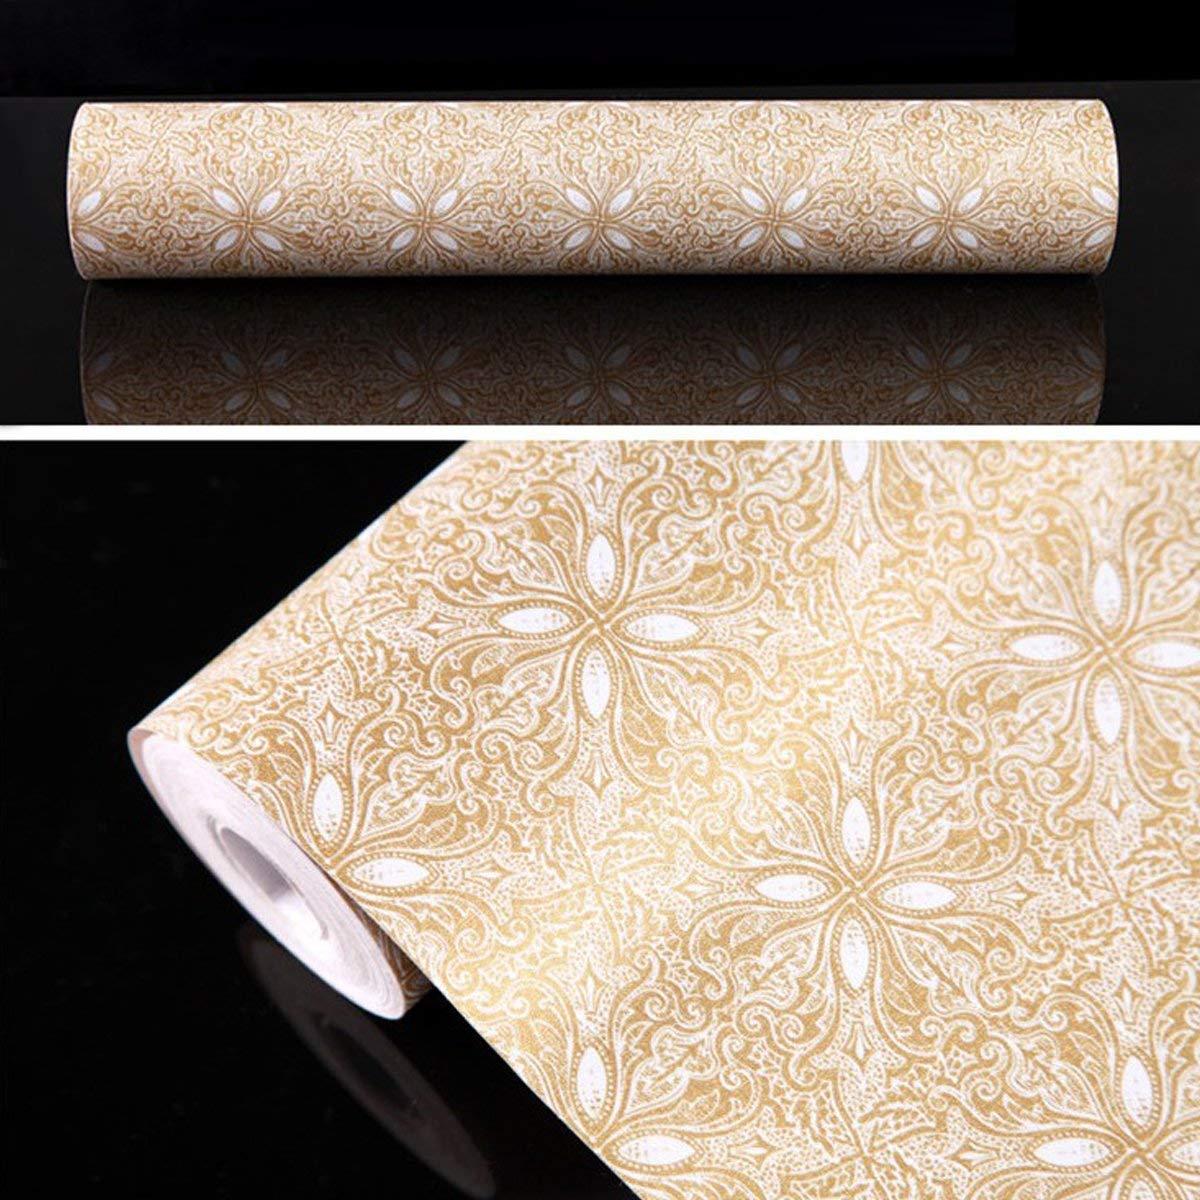 45 x 500cm Motif Fleur,Dor/é Or Life Tree Papier Peint Adh/ésif 3D Trompe /Œil Auto-Collant Adh/ésif D/écoratif Wallpaper Sticker Repositionnable